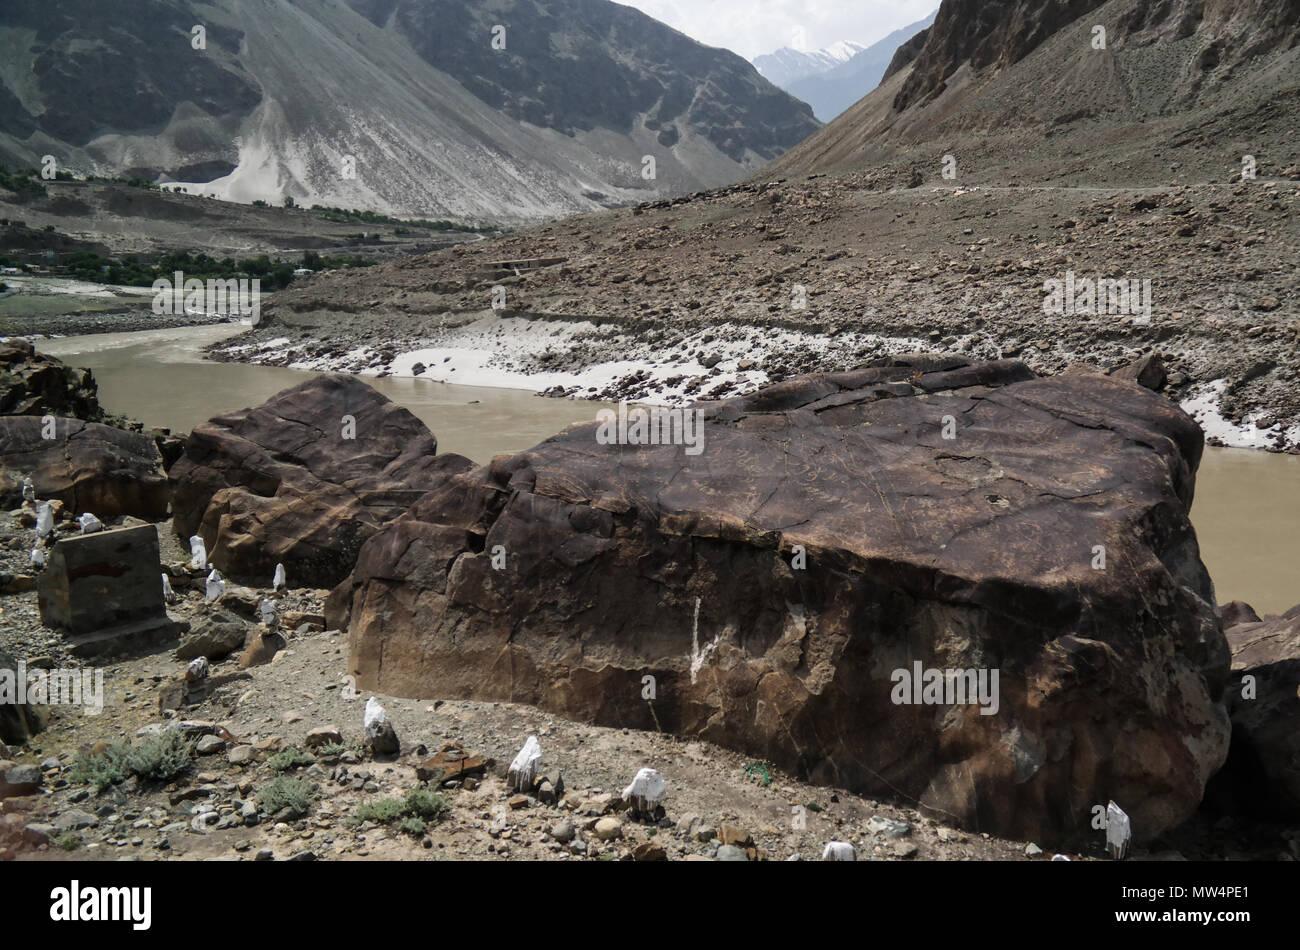 Petroglyphs at the bank of Indus river, Karakorum, Chilas Gilgit-Baltistan, Pakistan - Stock Image